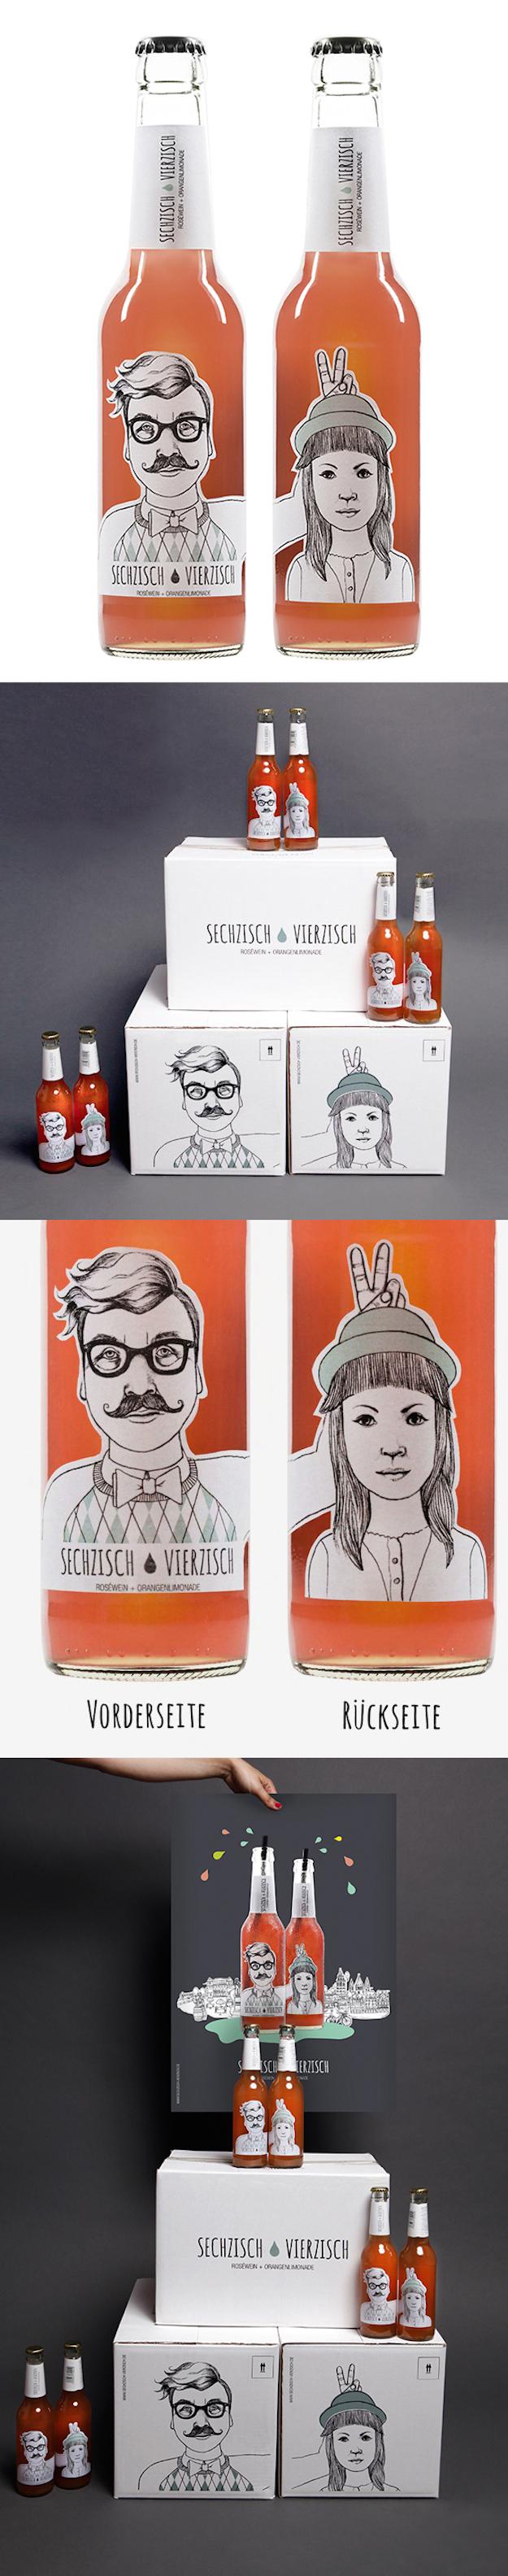 6 productos con packaging impresionantes-el tarro de ideas-4